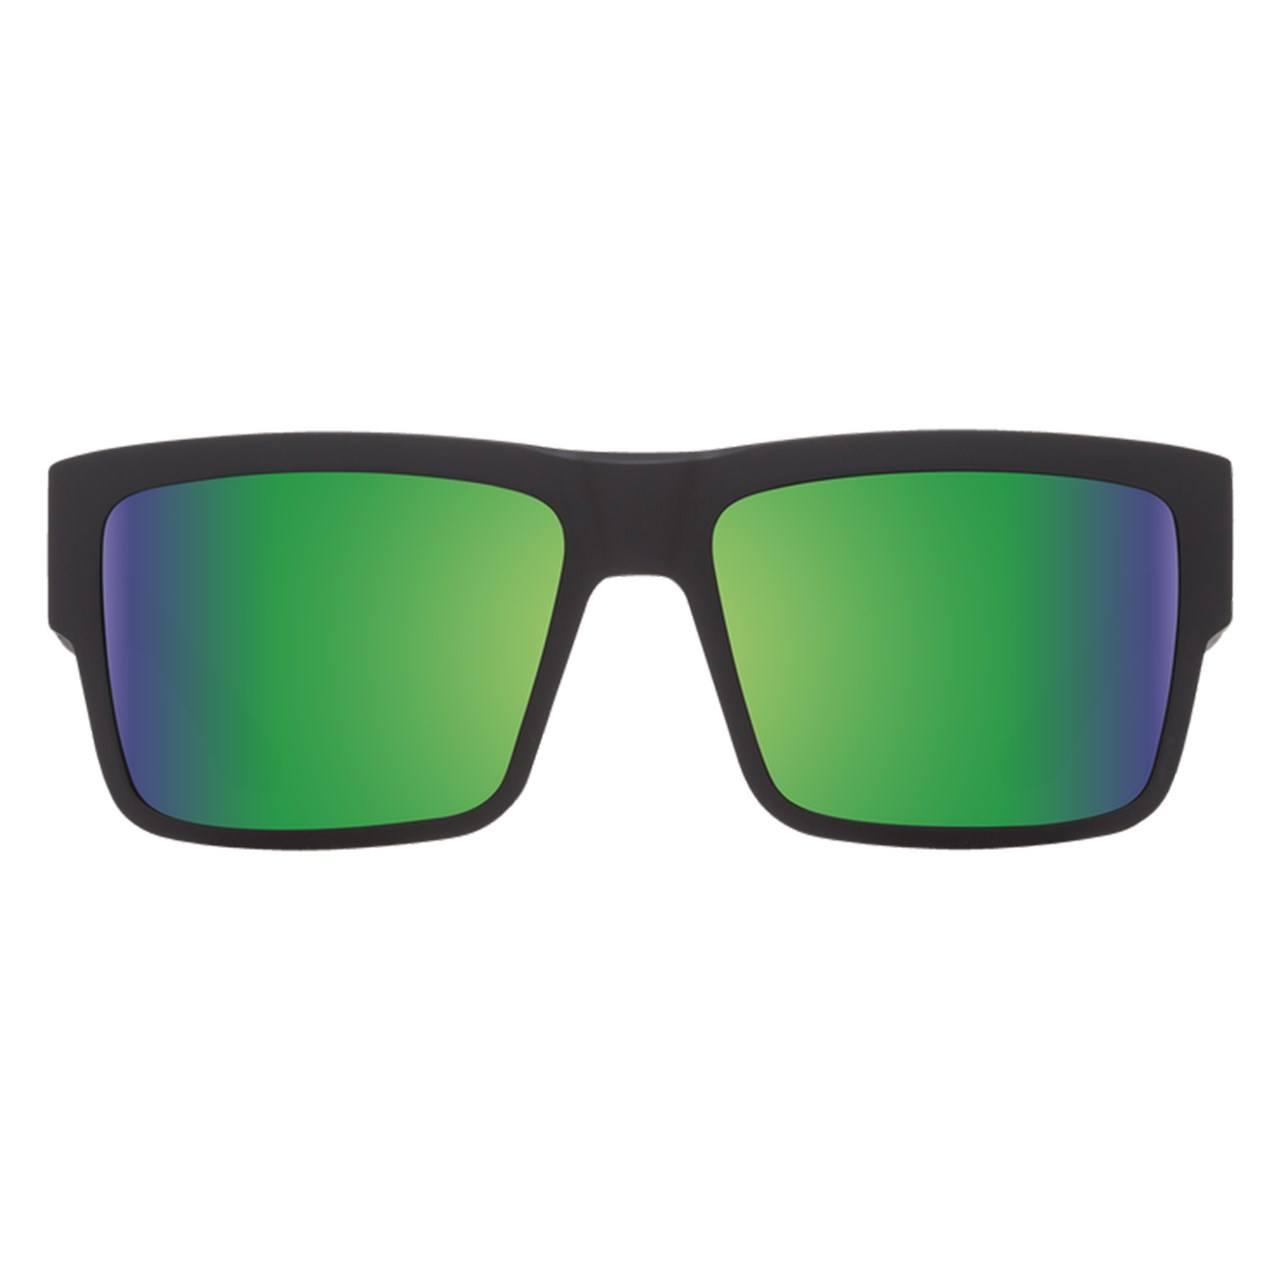 عینک آفتابی اسپای سری Cyrus مدل Matte Black Happy Bronze Polar Green Spectra -  - 1